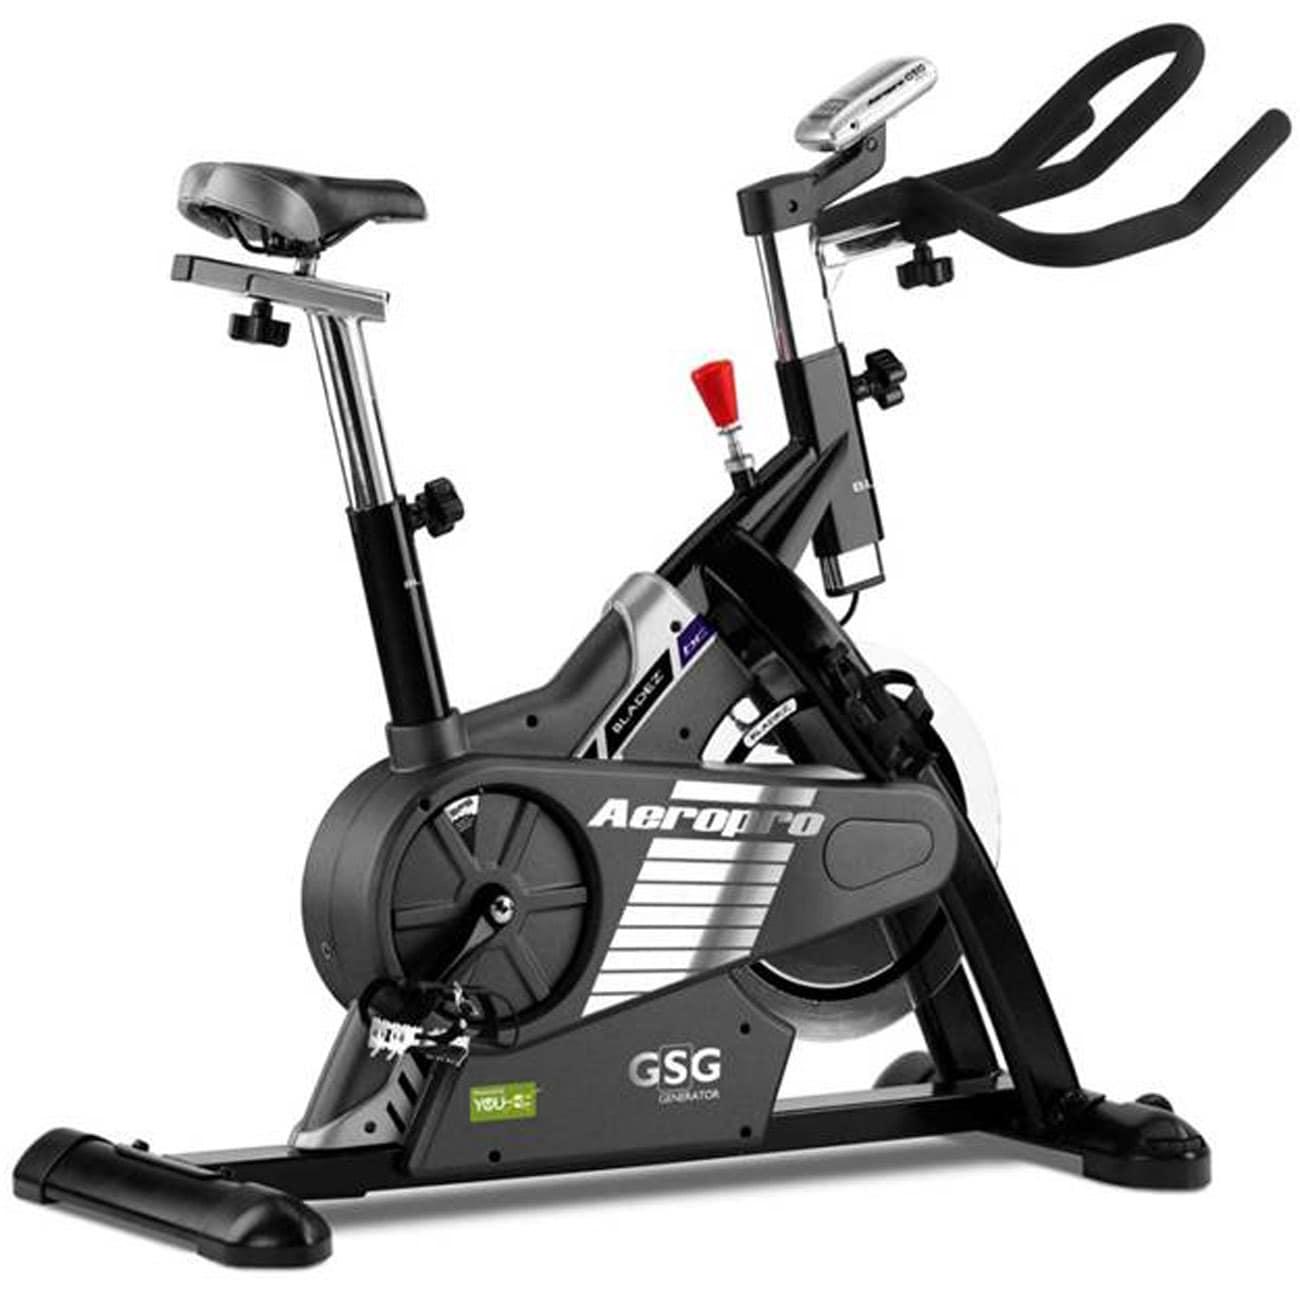 Bladez Aero PRO Indoor Cycle Exercise Bike